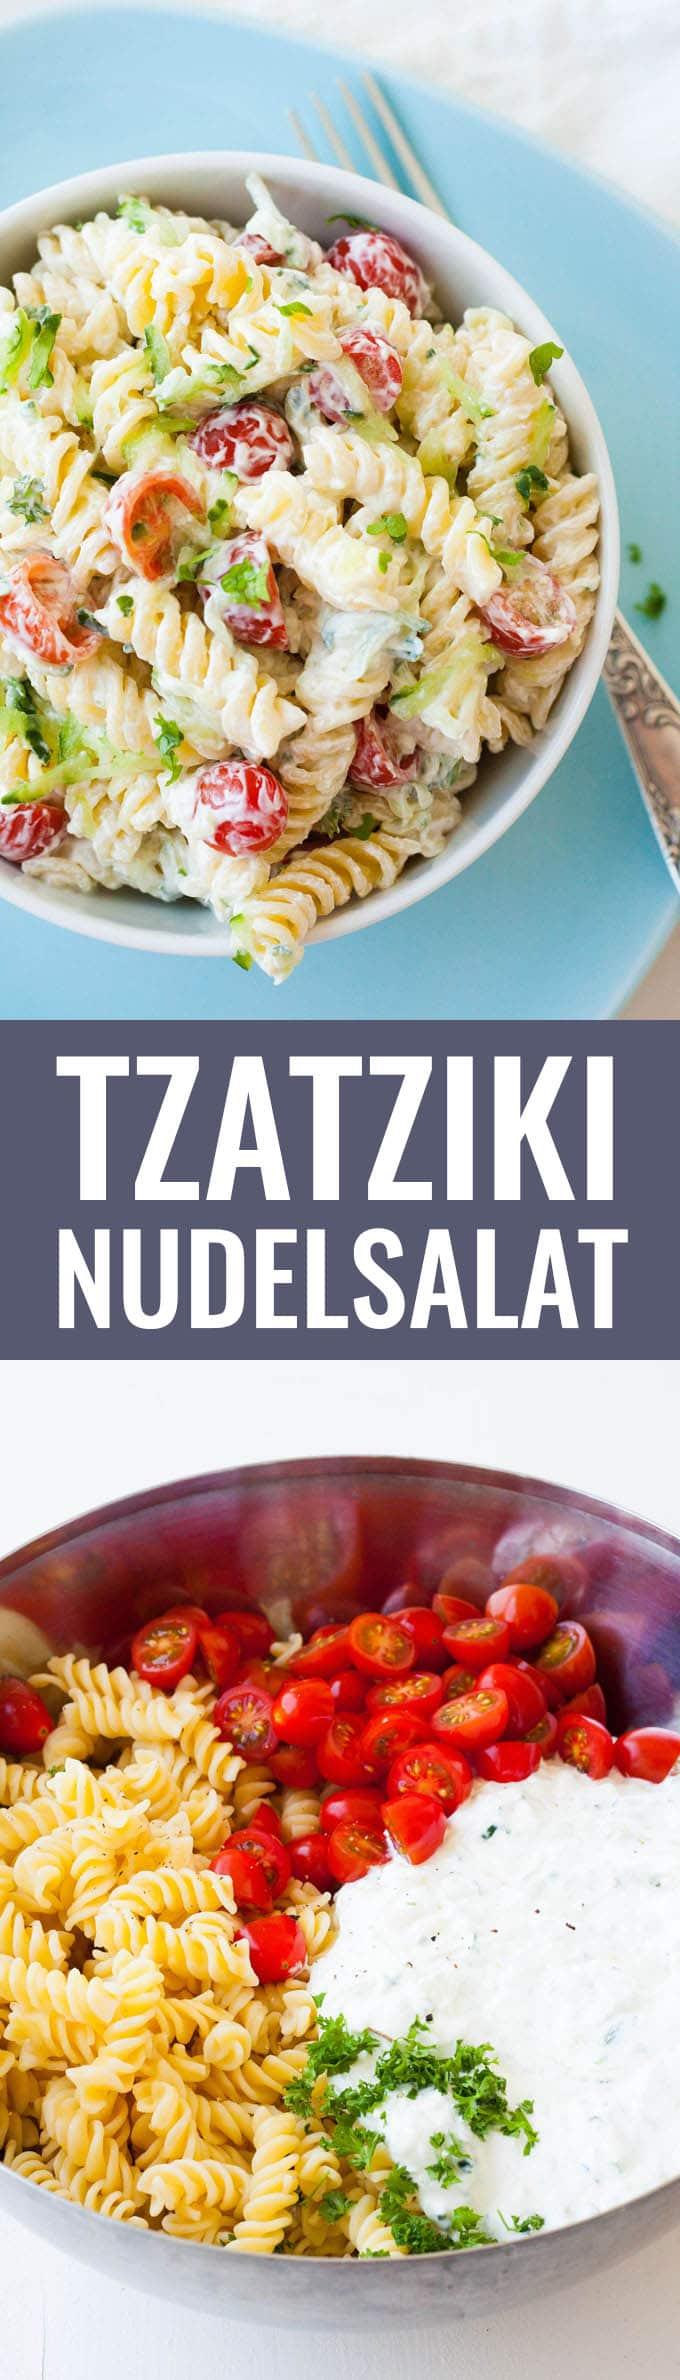 Tzatziki Nudelsalat - Kochkarussell.com